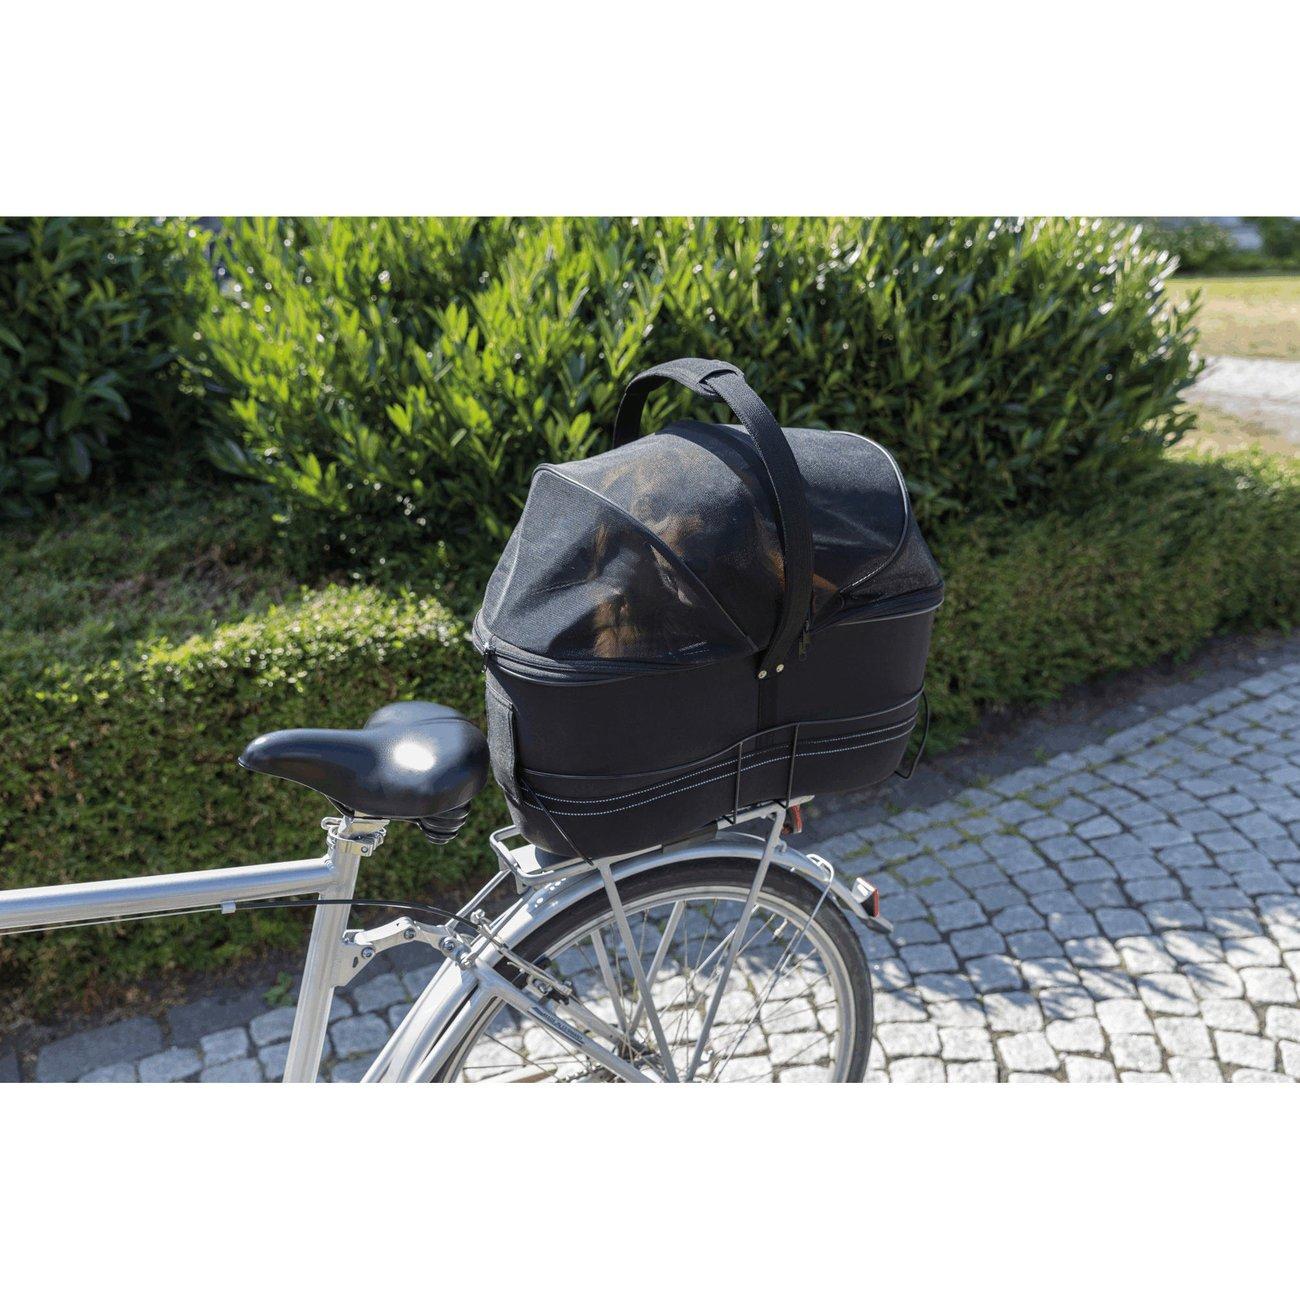 TRIXIE Hunde Fahrradkorb Long für breite Gepäckträger 13110, Bild 6